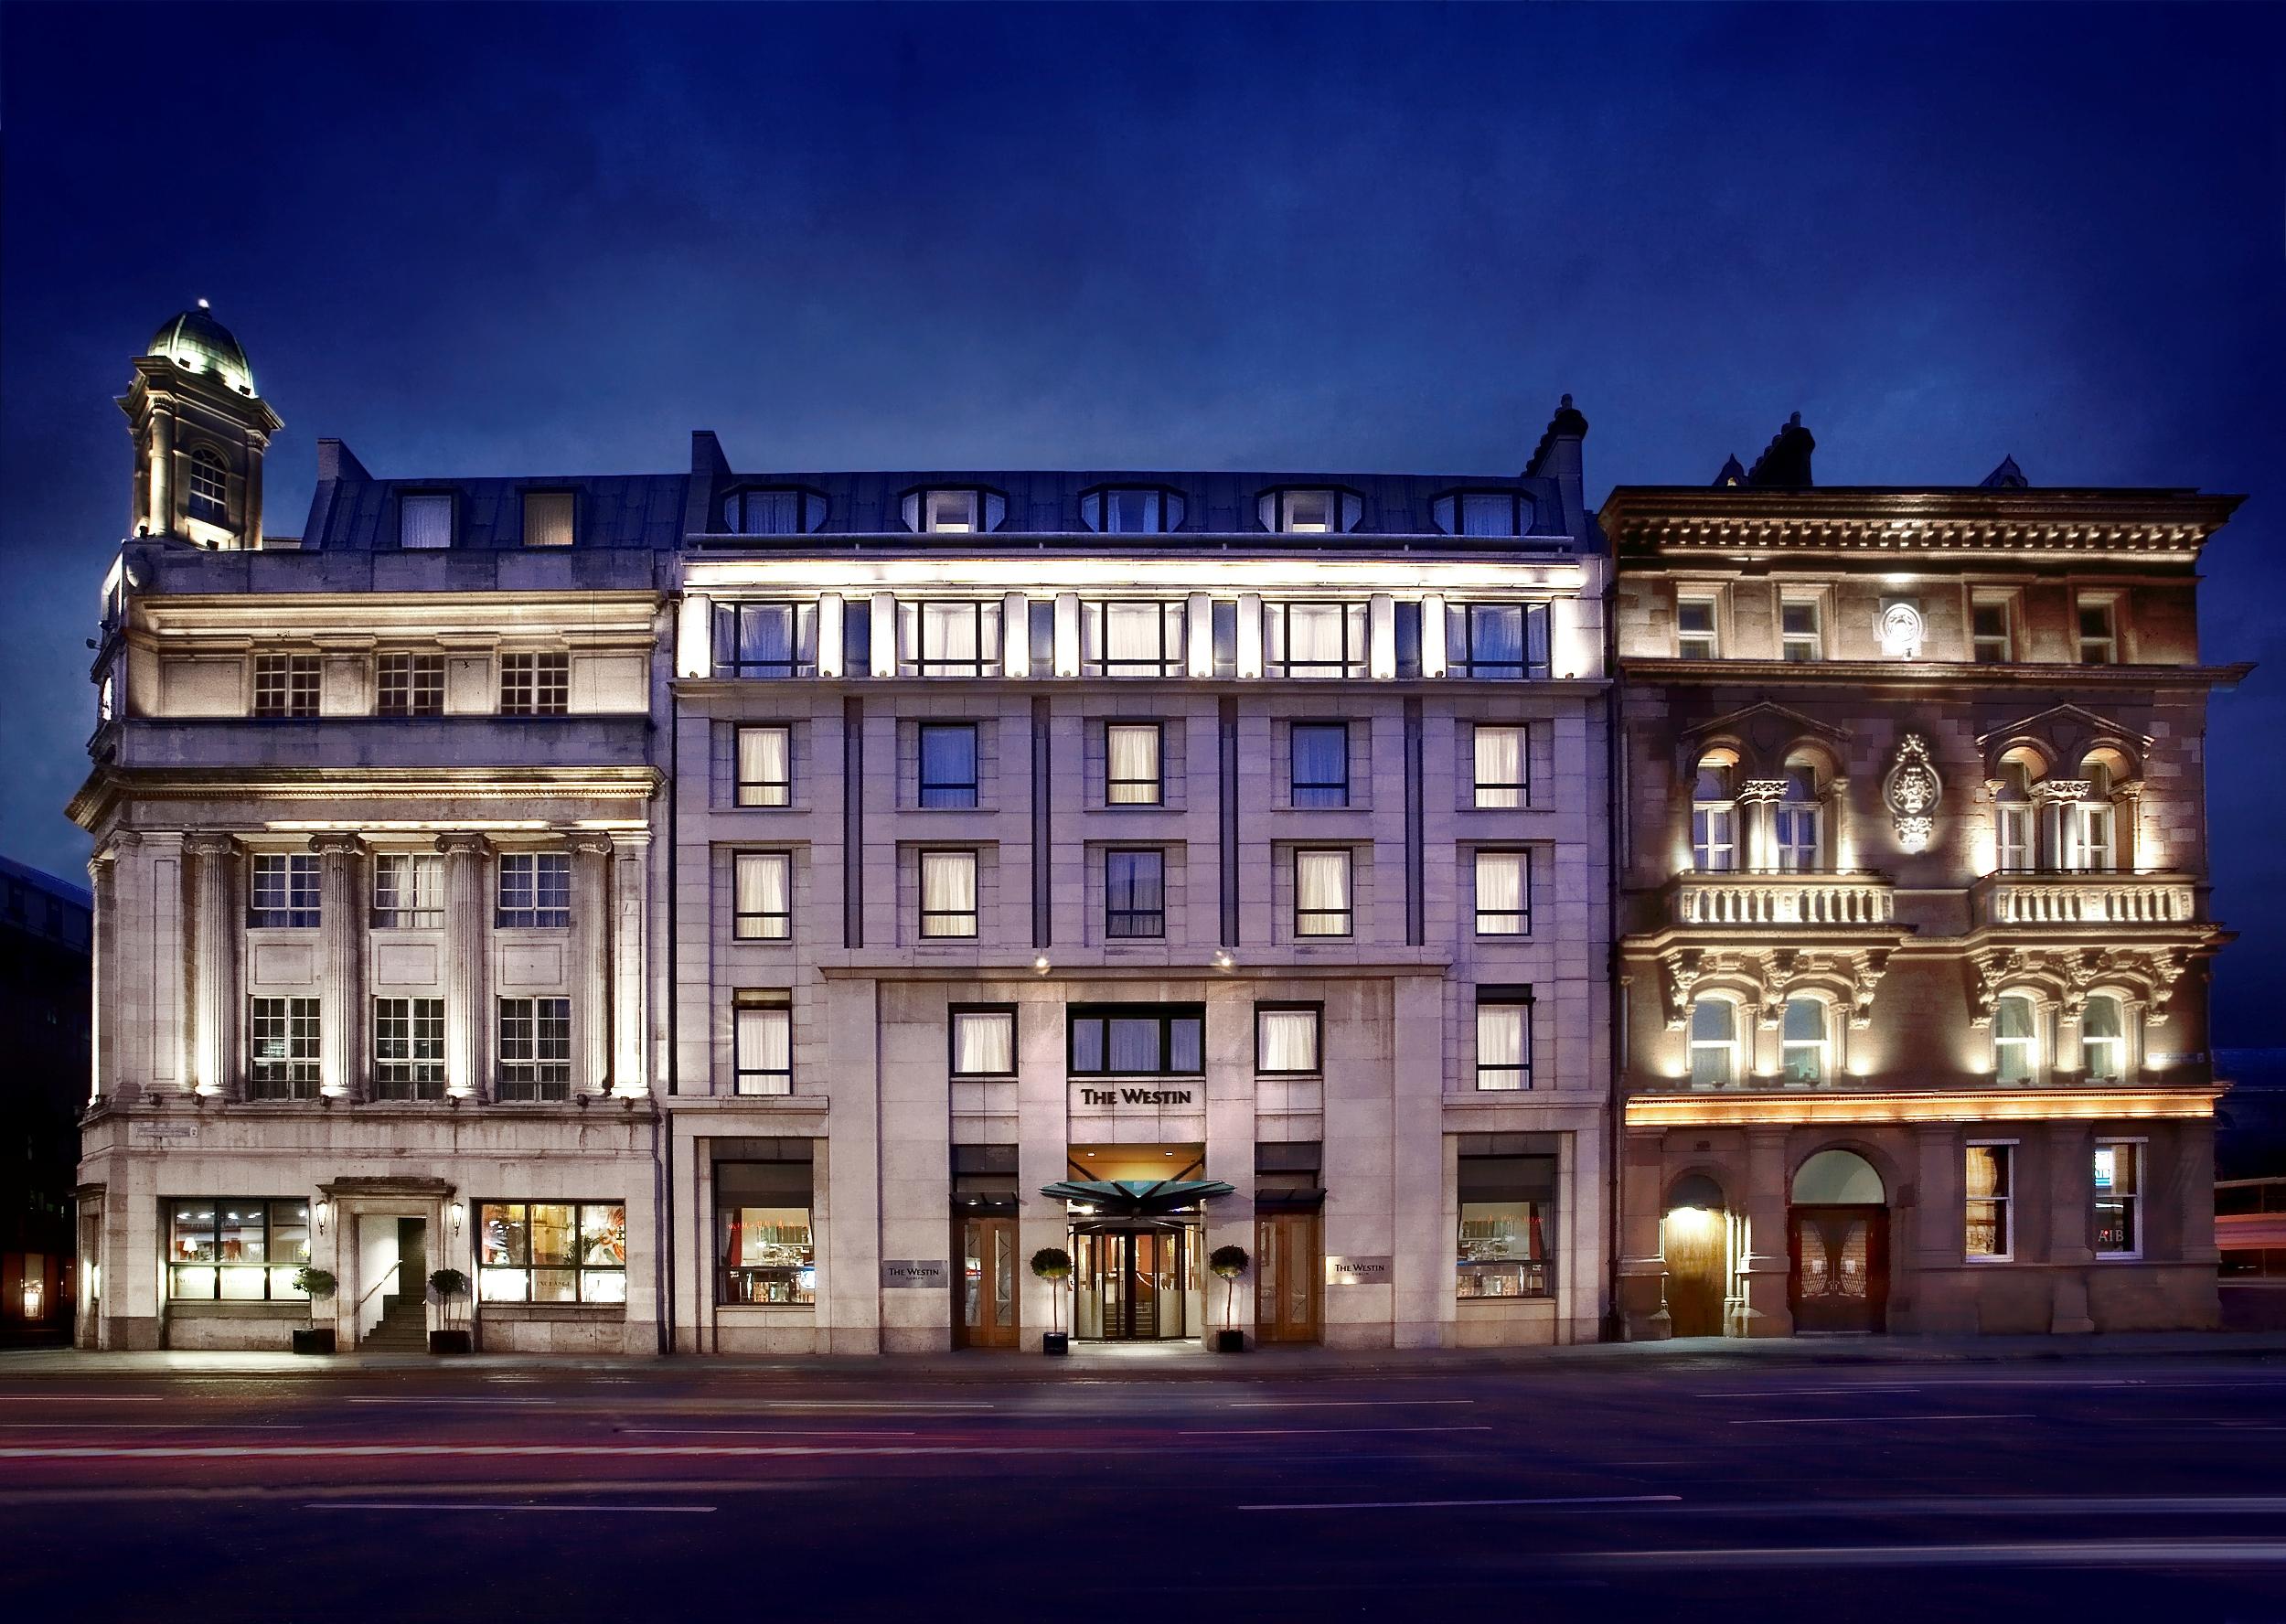 The Bram Stoker Room Westin Hotel